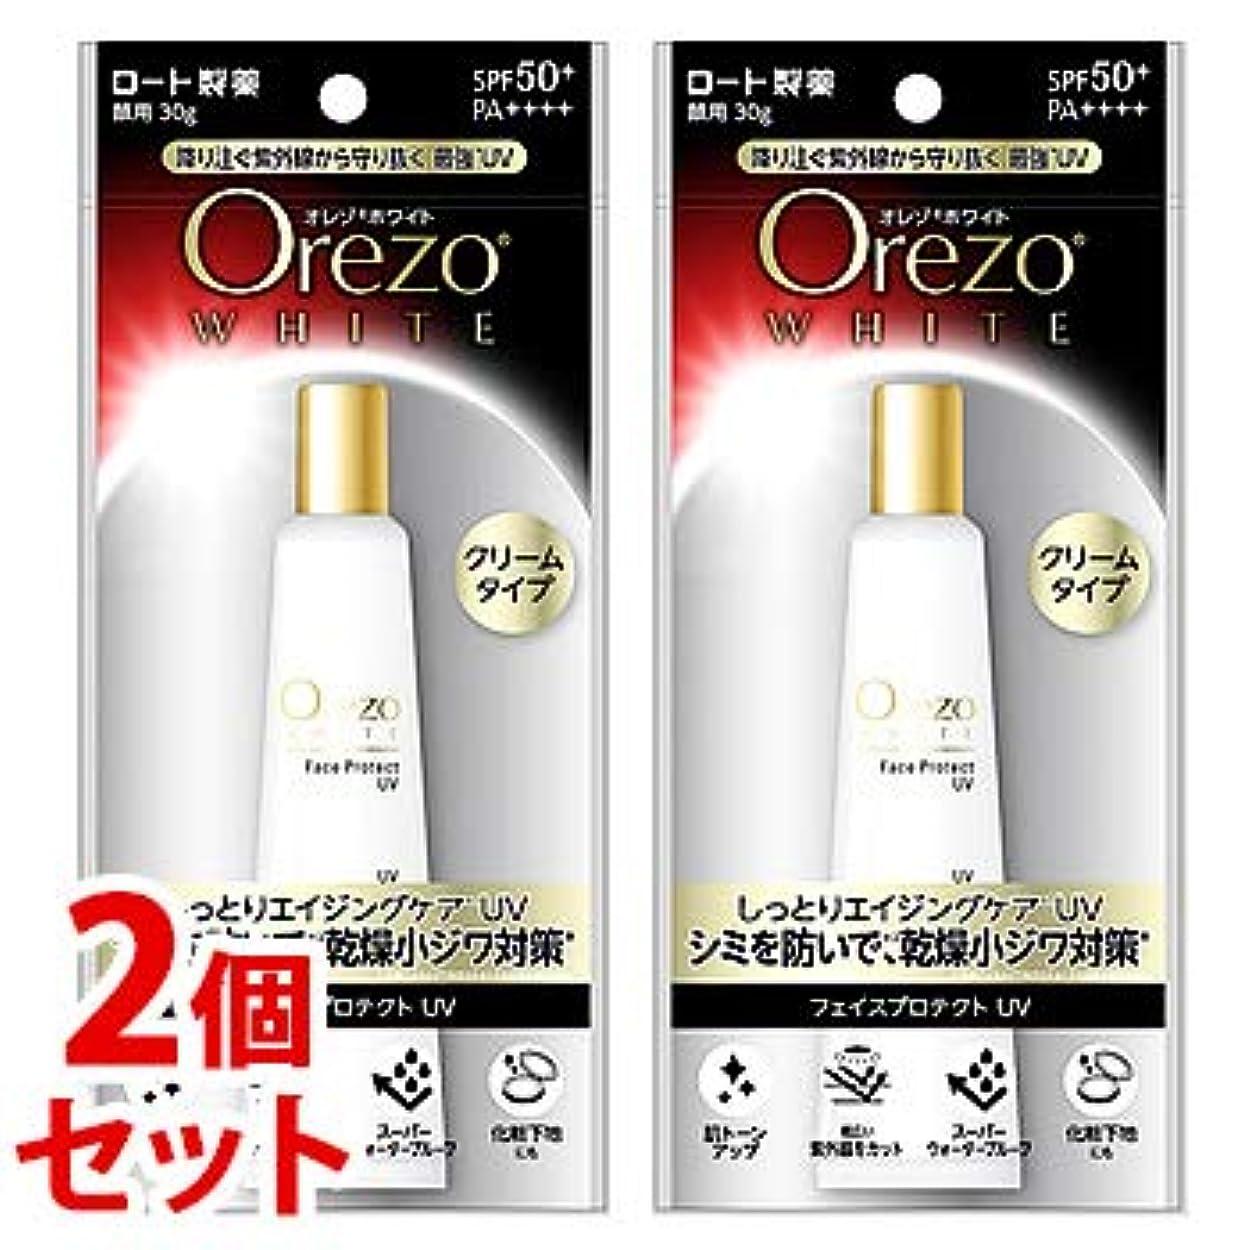 投資一般化する櫛《セット販売》 ロート製薬 Orezo オレゾ ホワイト フェイスプロテクトUV SPF50+ PA++++ (30g)×2個セット 顔用 日やけ止め 化粧下地 クリームタイプ